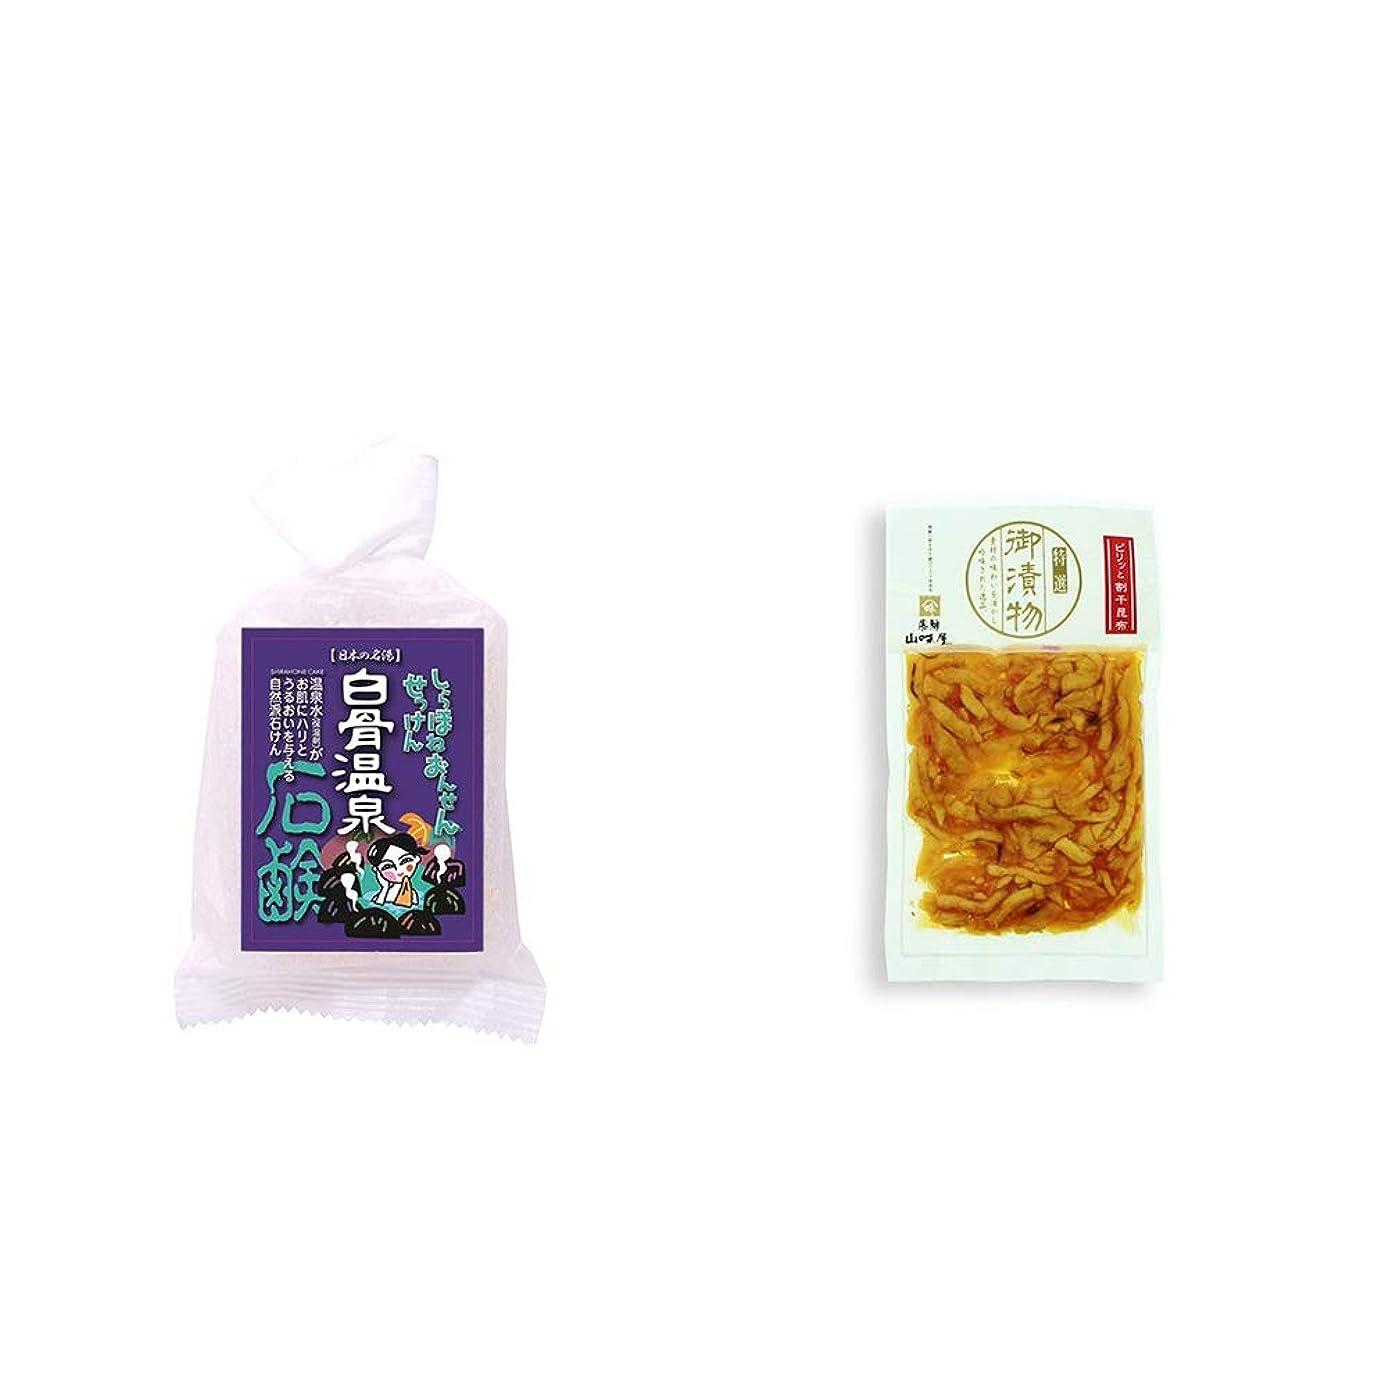 満たすディスコメトリック[2点セット] 信州 白骨温泉石鹸(80g)?飛騨山味屋 ピリッと割干し昆布(230g)